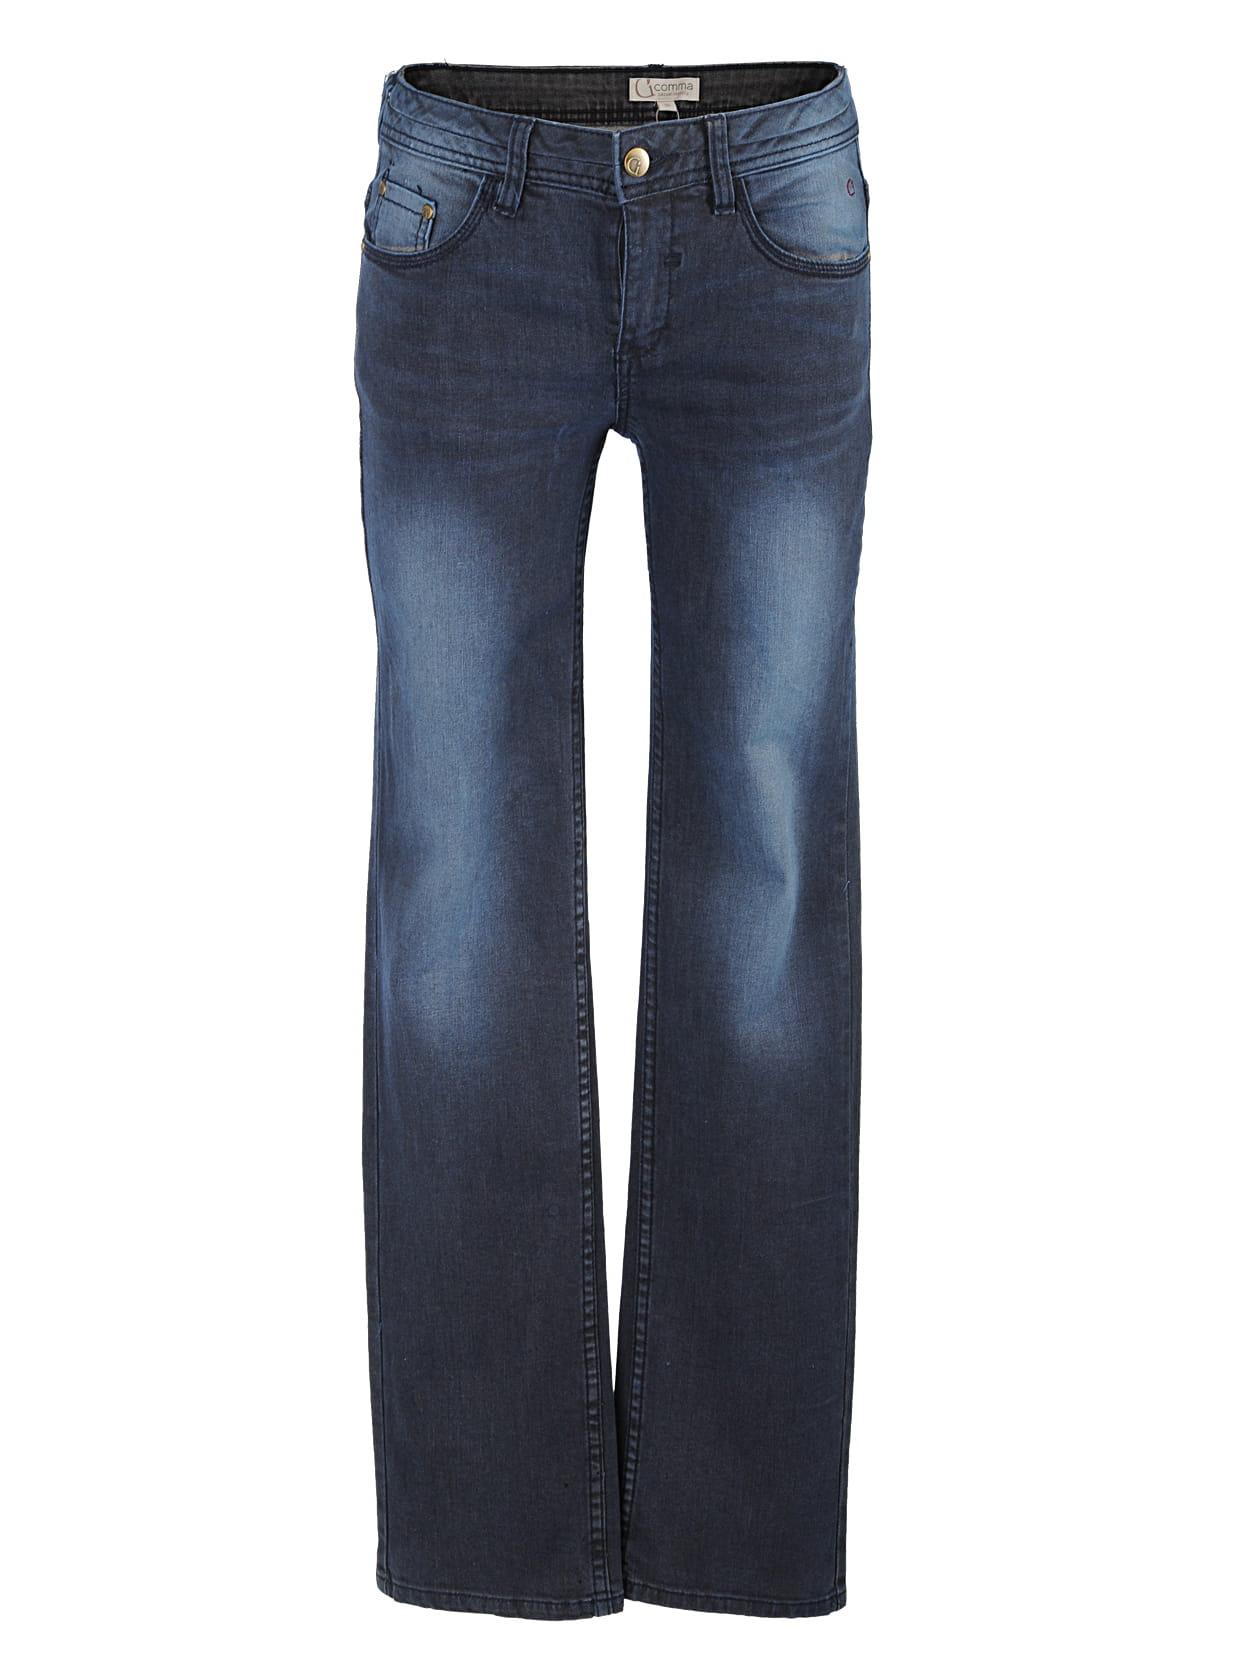 aaa1c5b01755 jeansy damskie comma rozmiar 34 32 ...